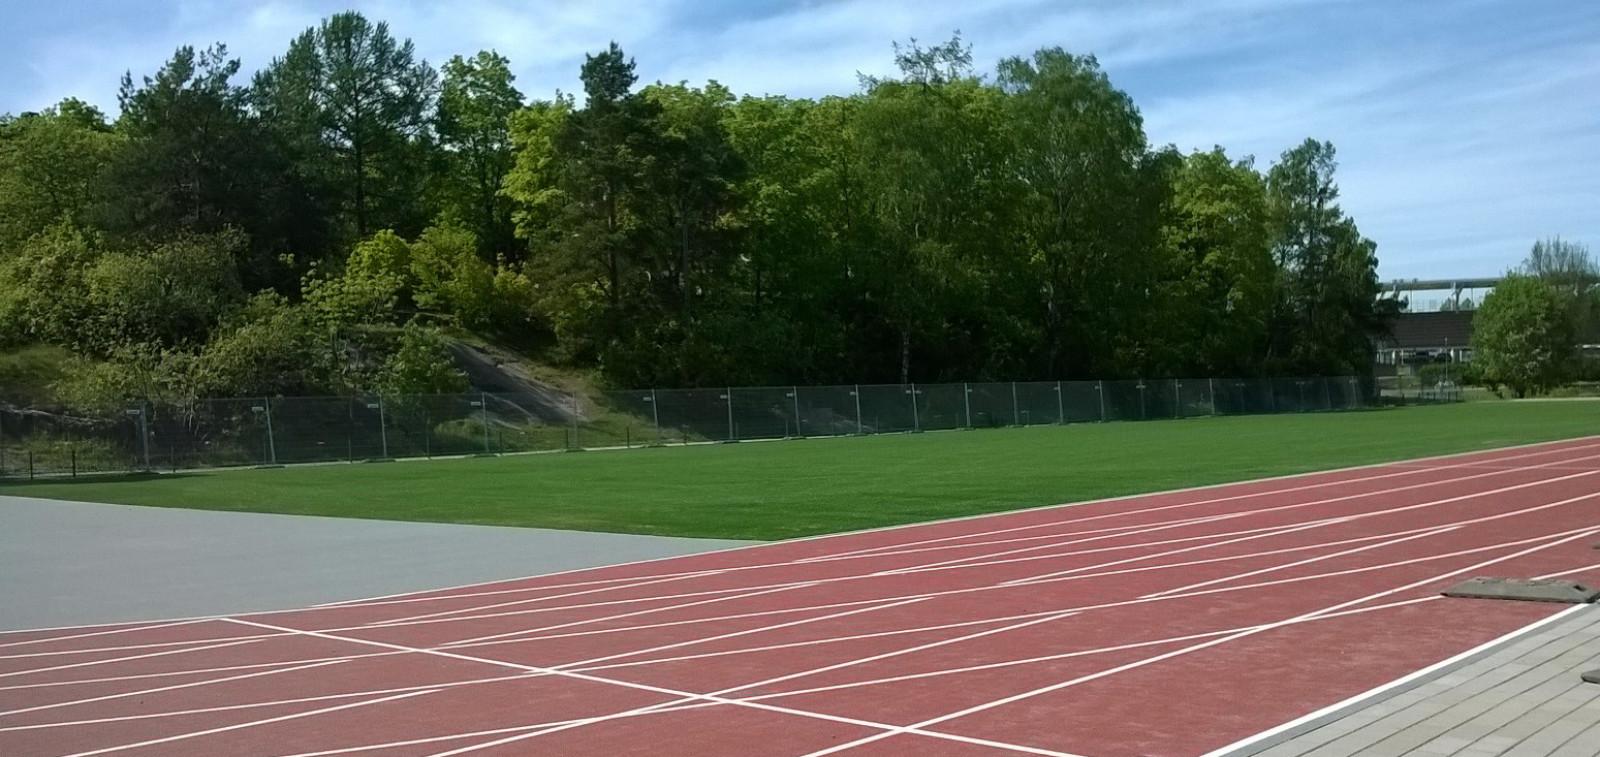 Urheilupuiston alavälikenttä on uudistettu.